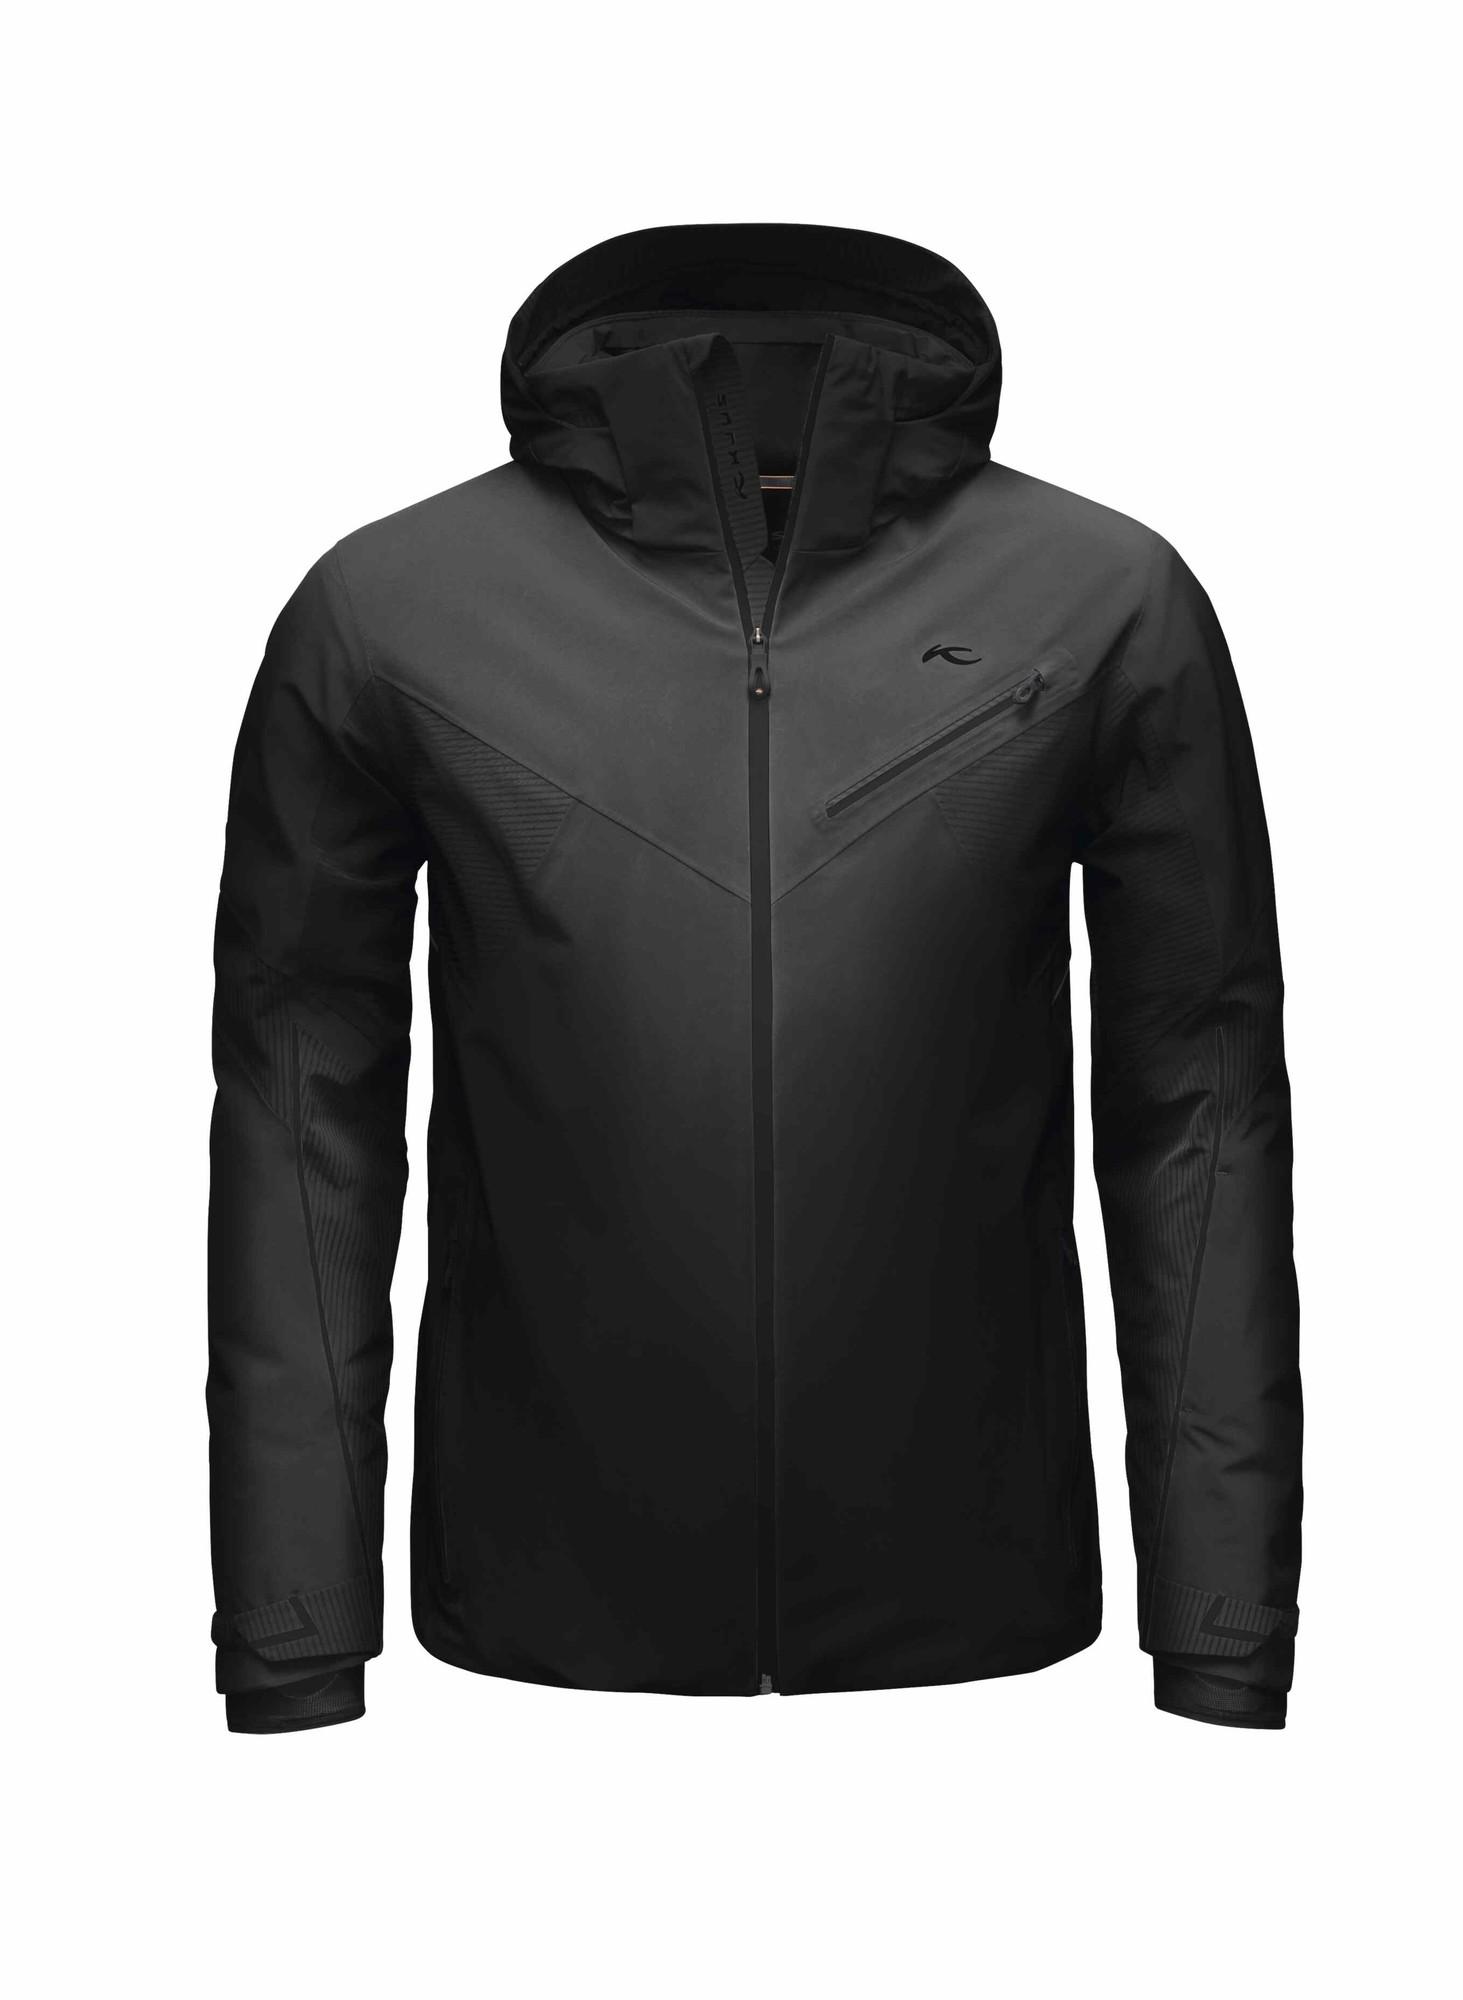 Kjus M Line Jacket